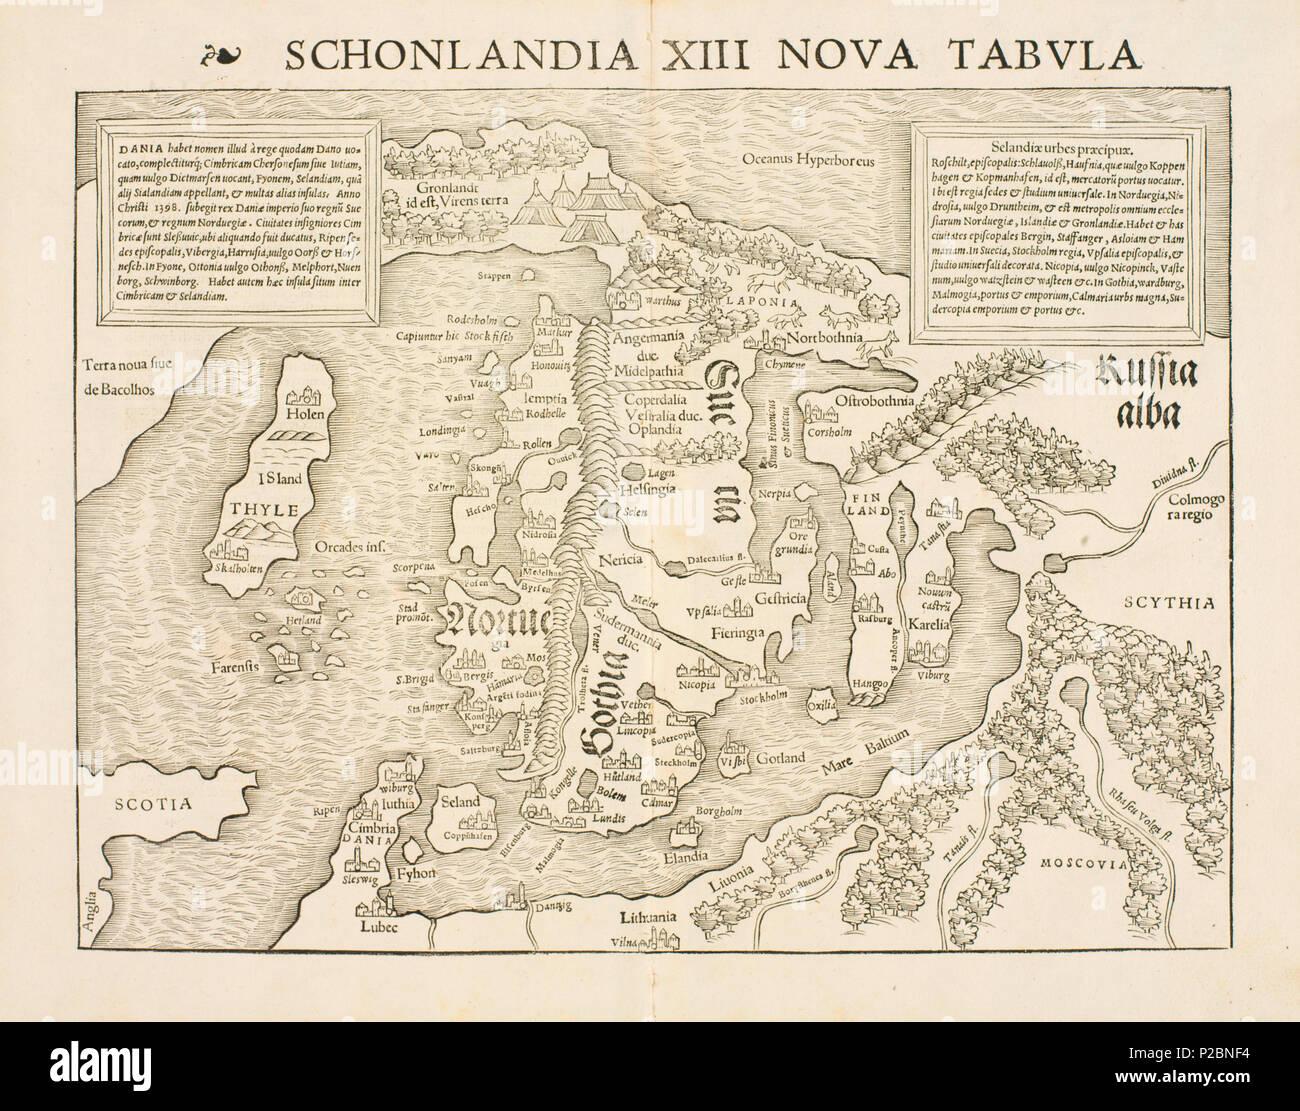 kart nordområdene Latina: Schonlandia XIII Nova Tabula Norsk bokmål: Kart fra  kart nordområdene